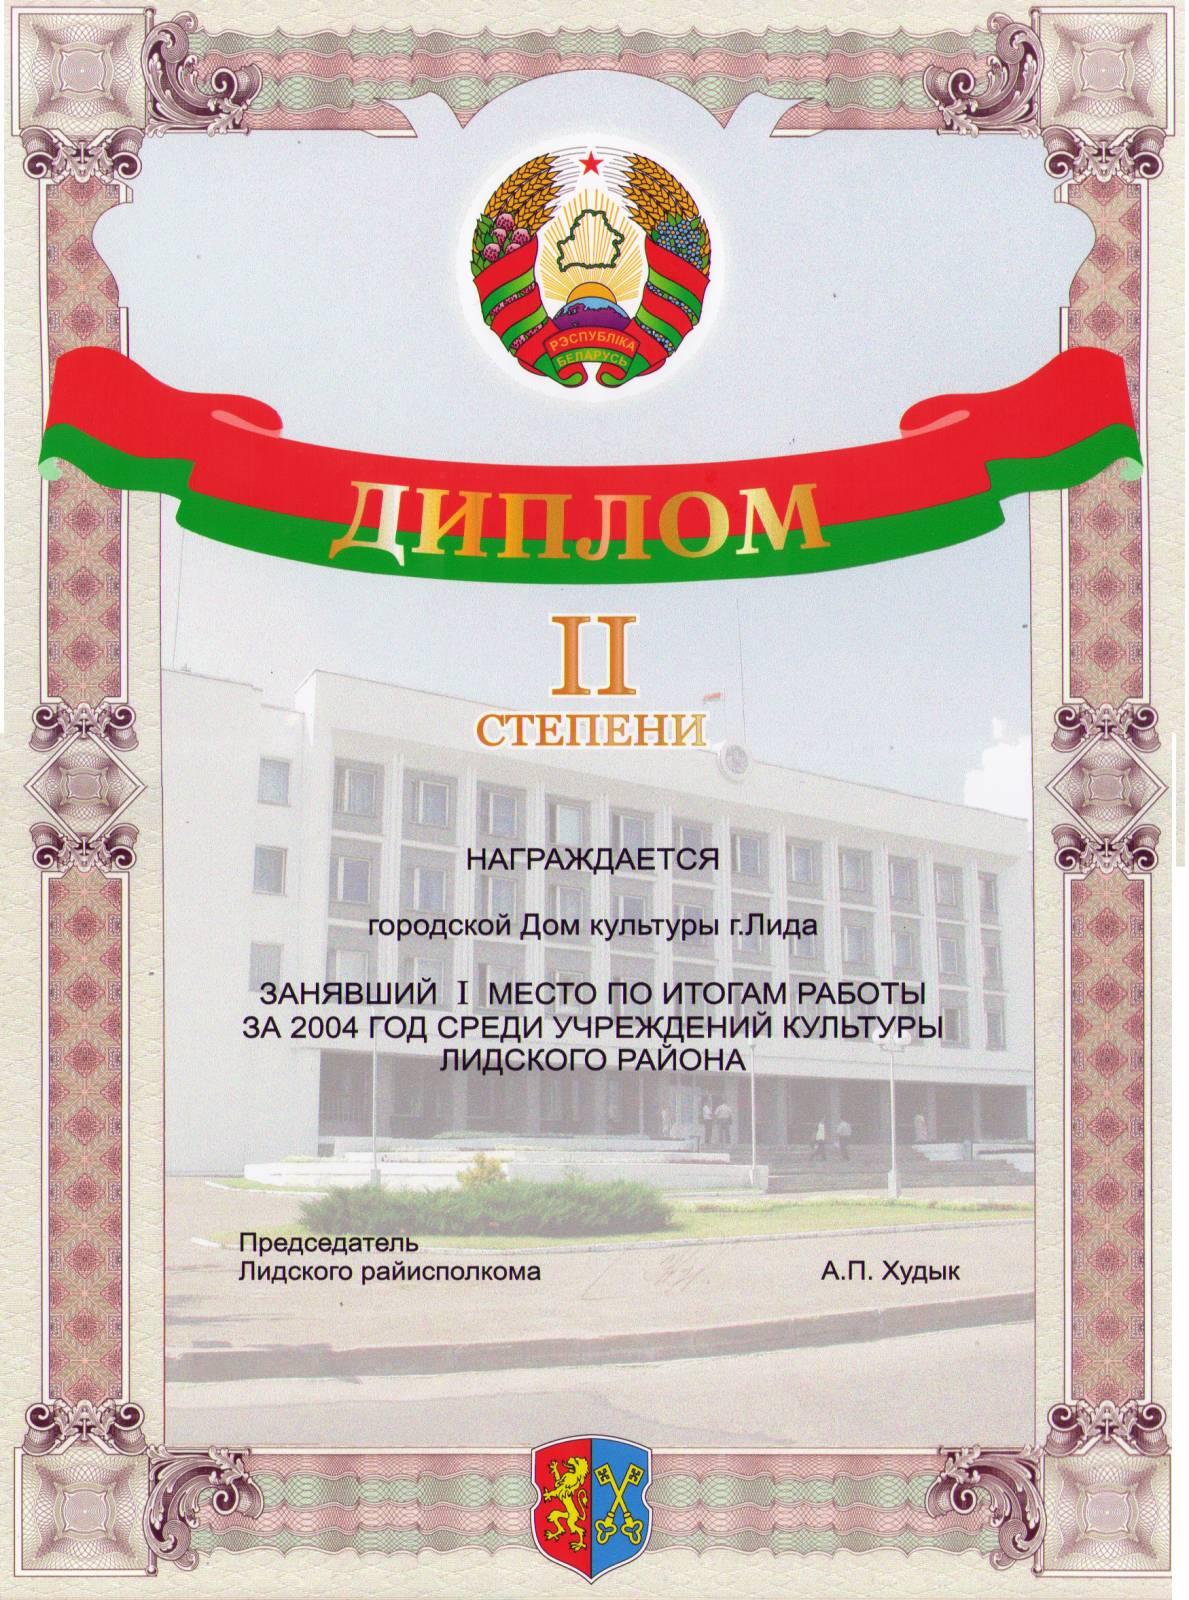 Дворец культуры города Лиды О Дворце Диплом ii степени по итогам работы за 2004 год среди учреждений культуры Лидского района